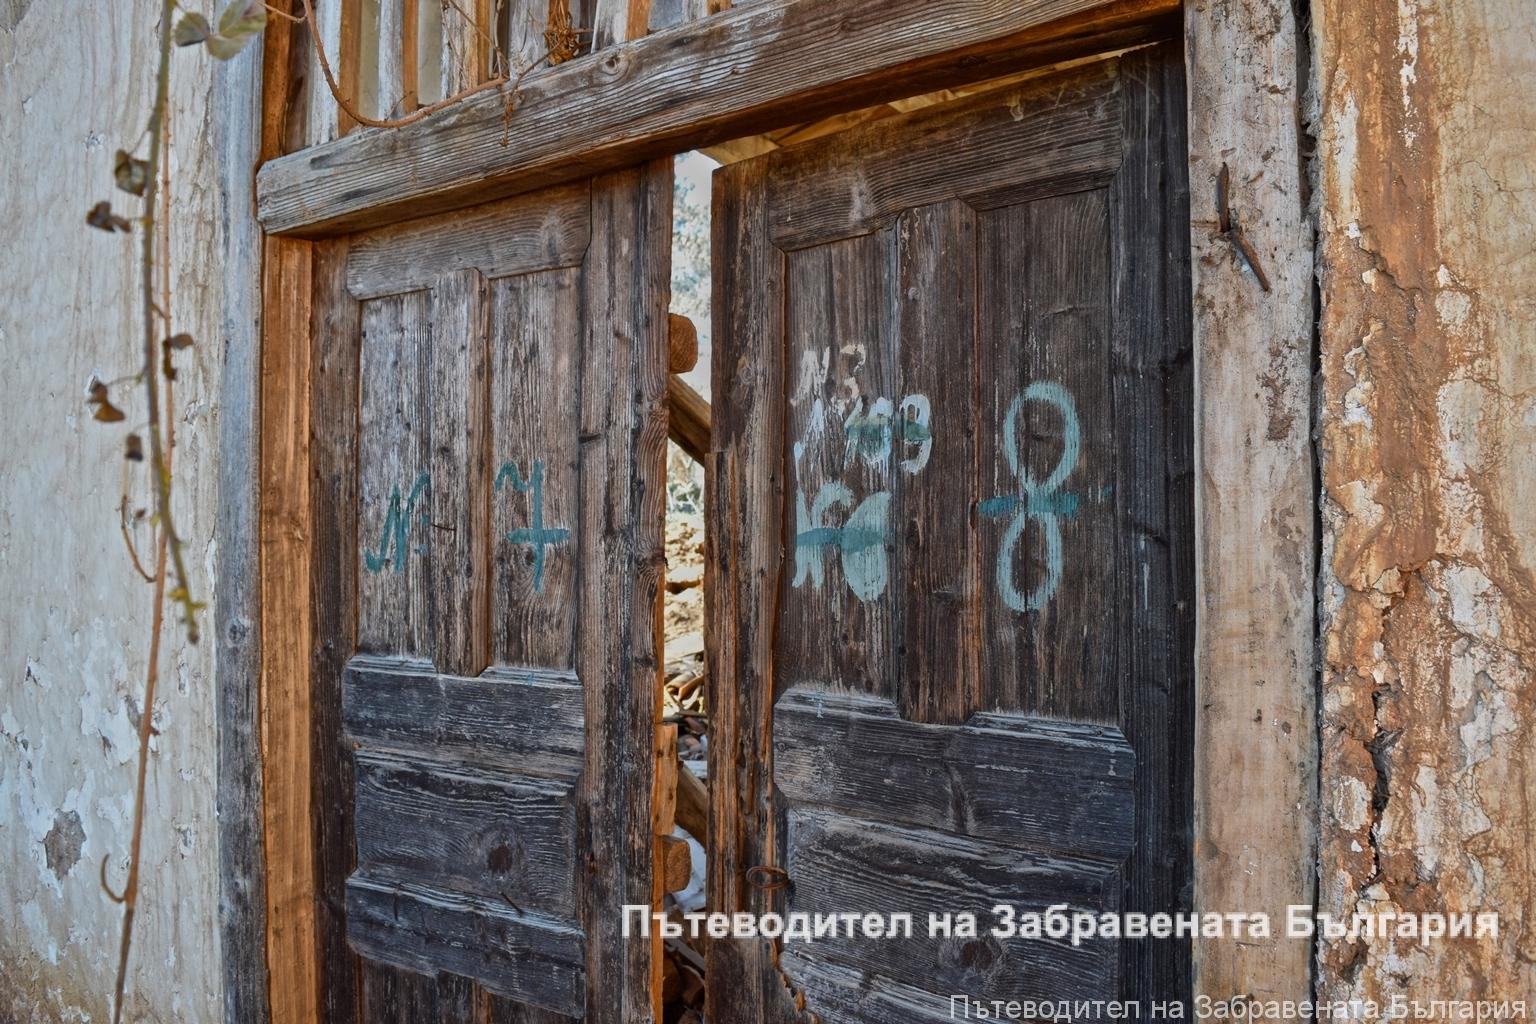 Хроники на Забравената България: Сив кладенец (Част 2)